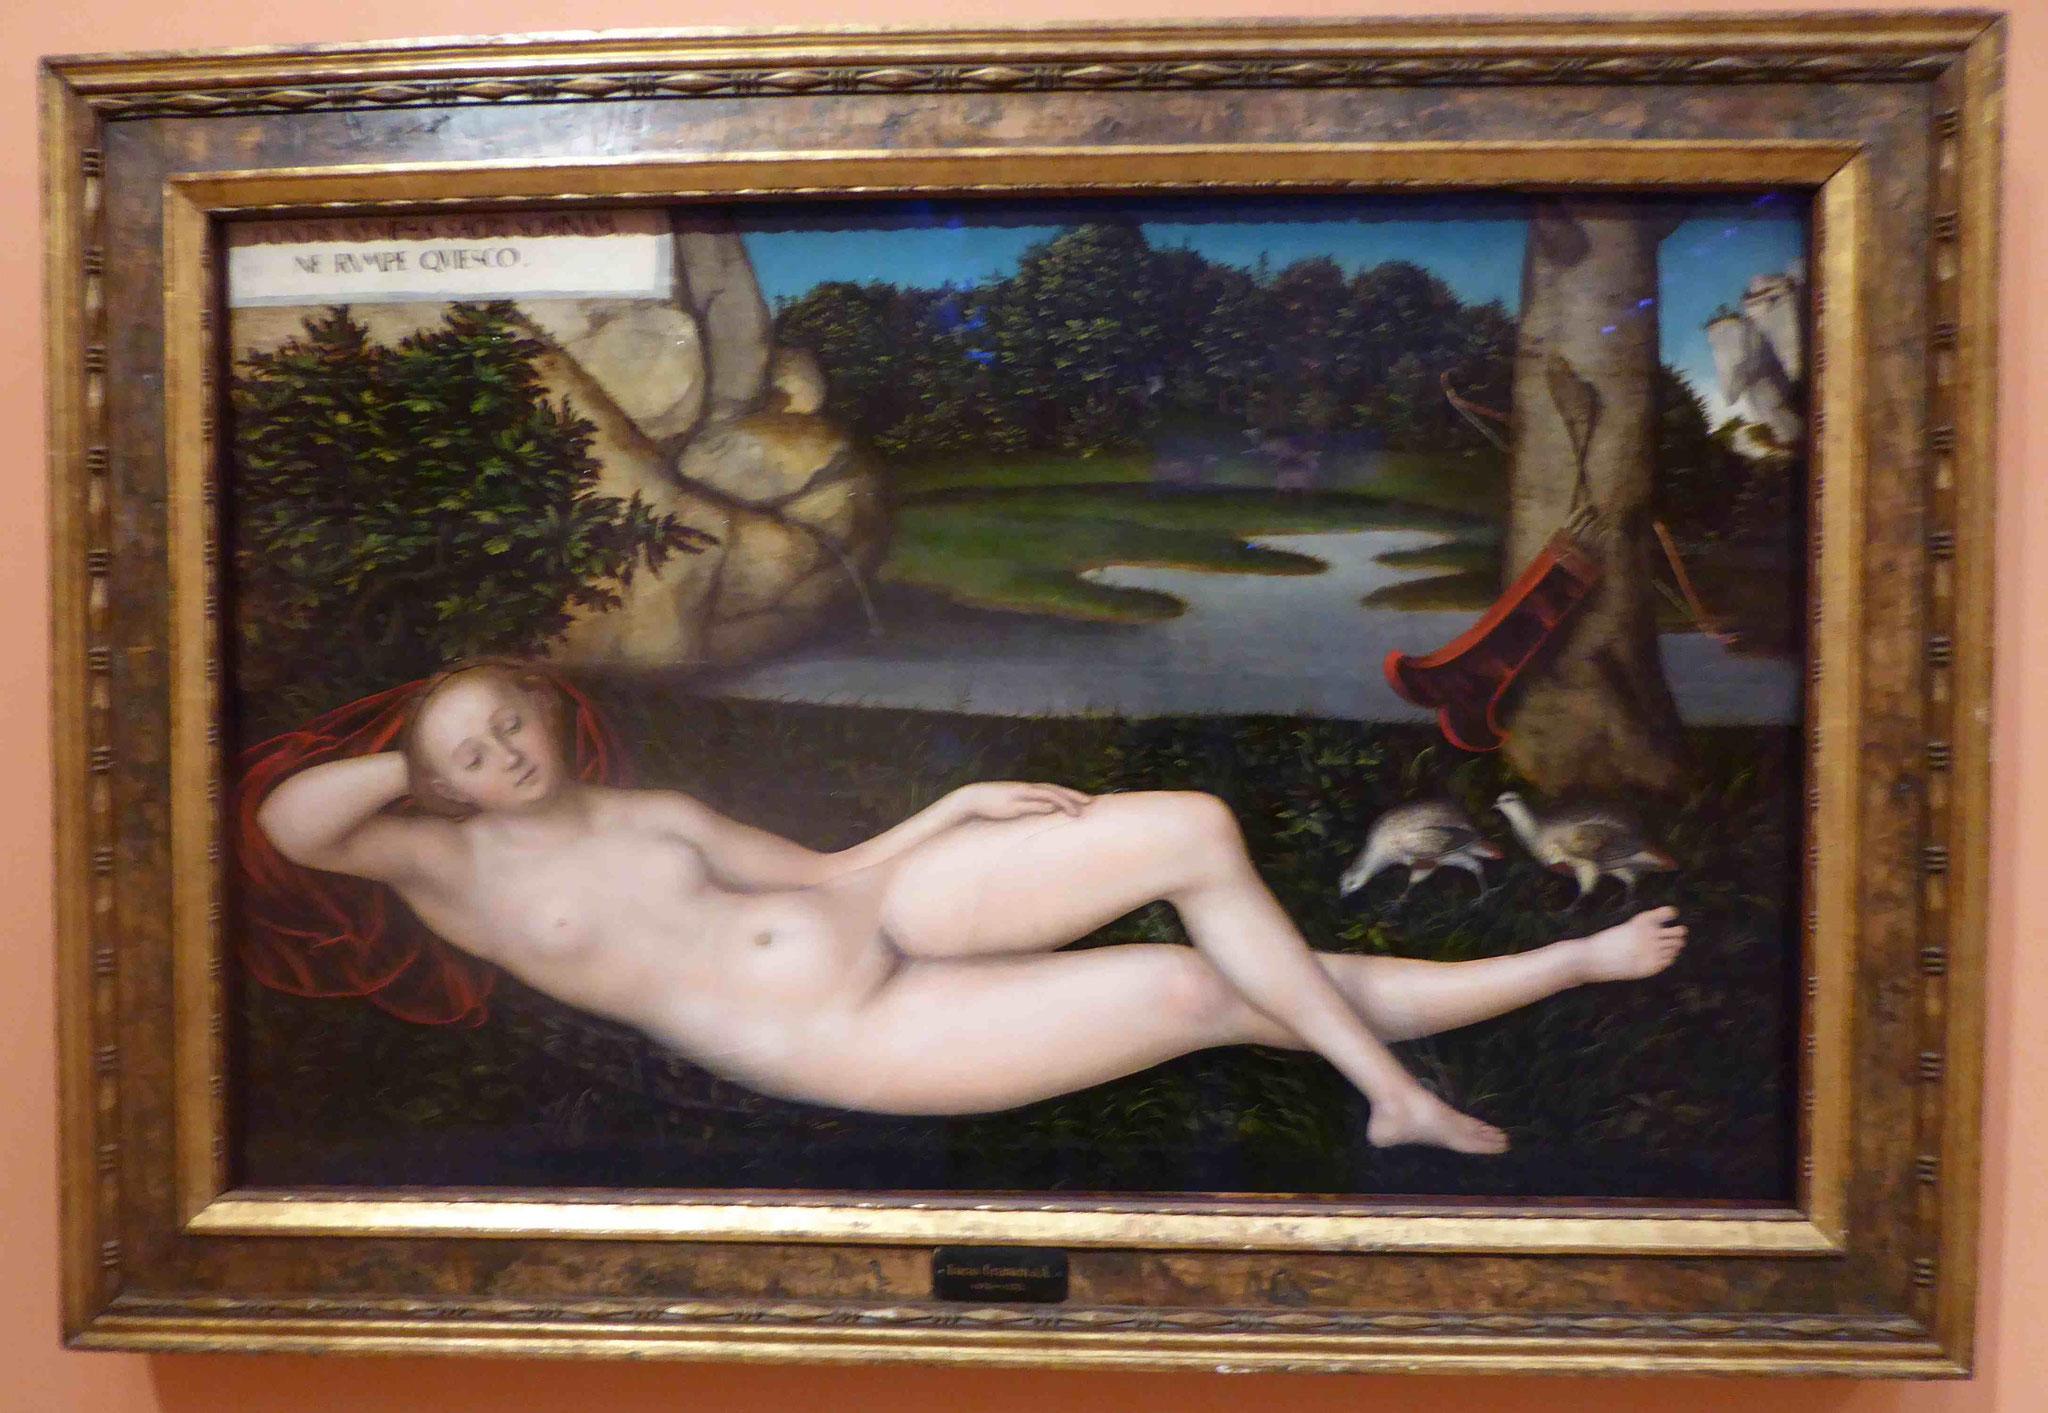 Lucas Cranach, Museo Thyssen-Bornemisza, Madrid, Spanien